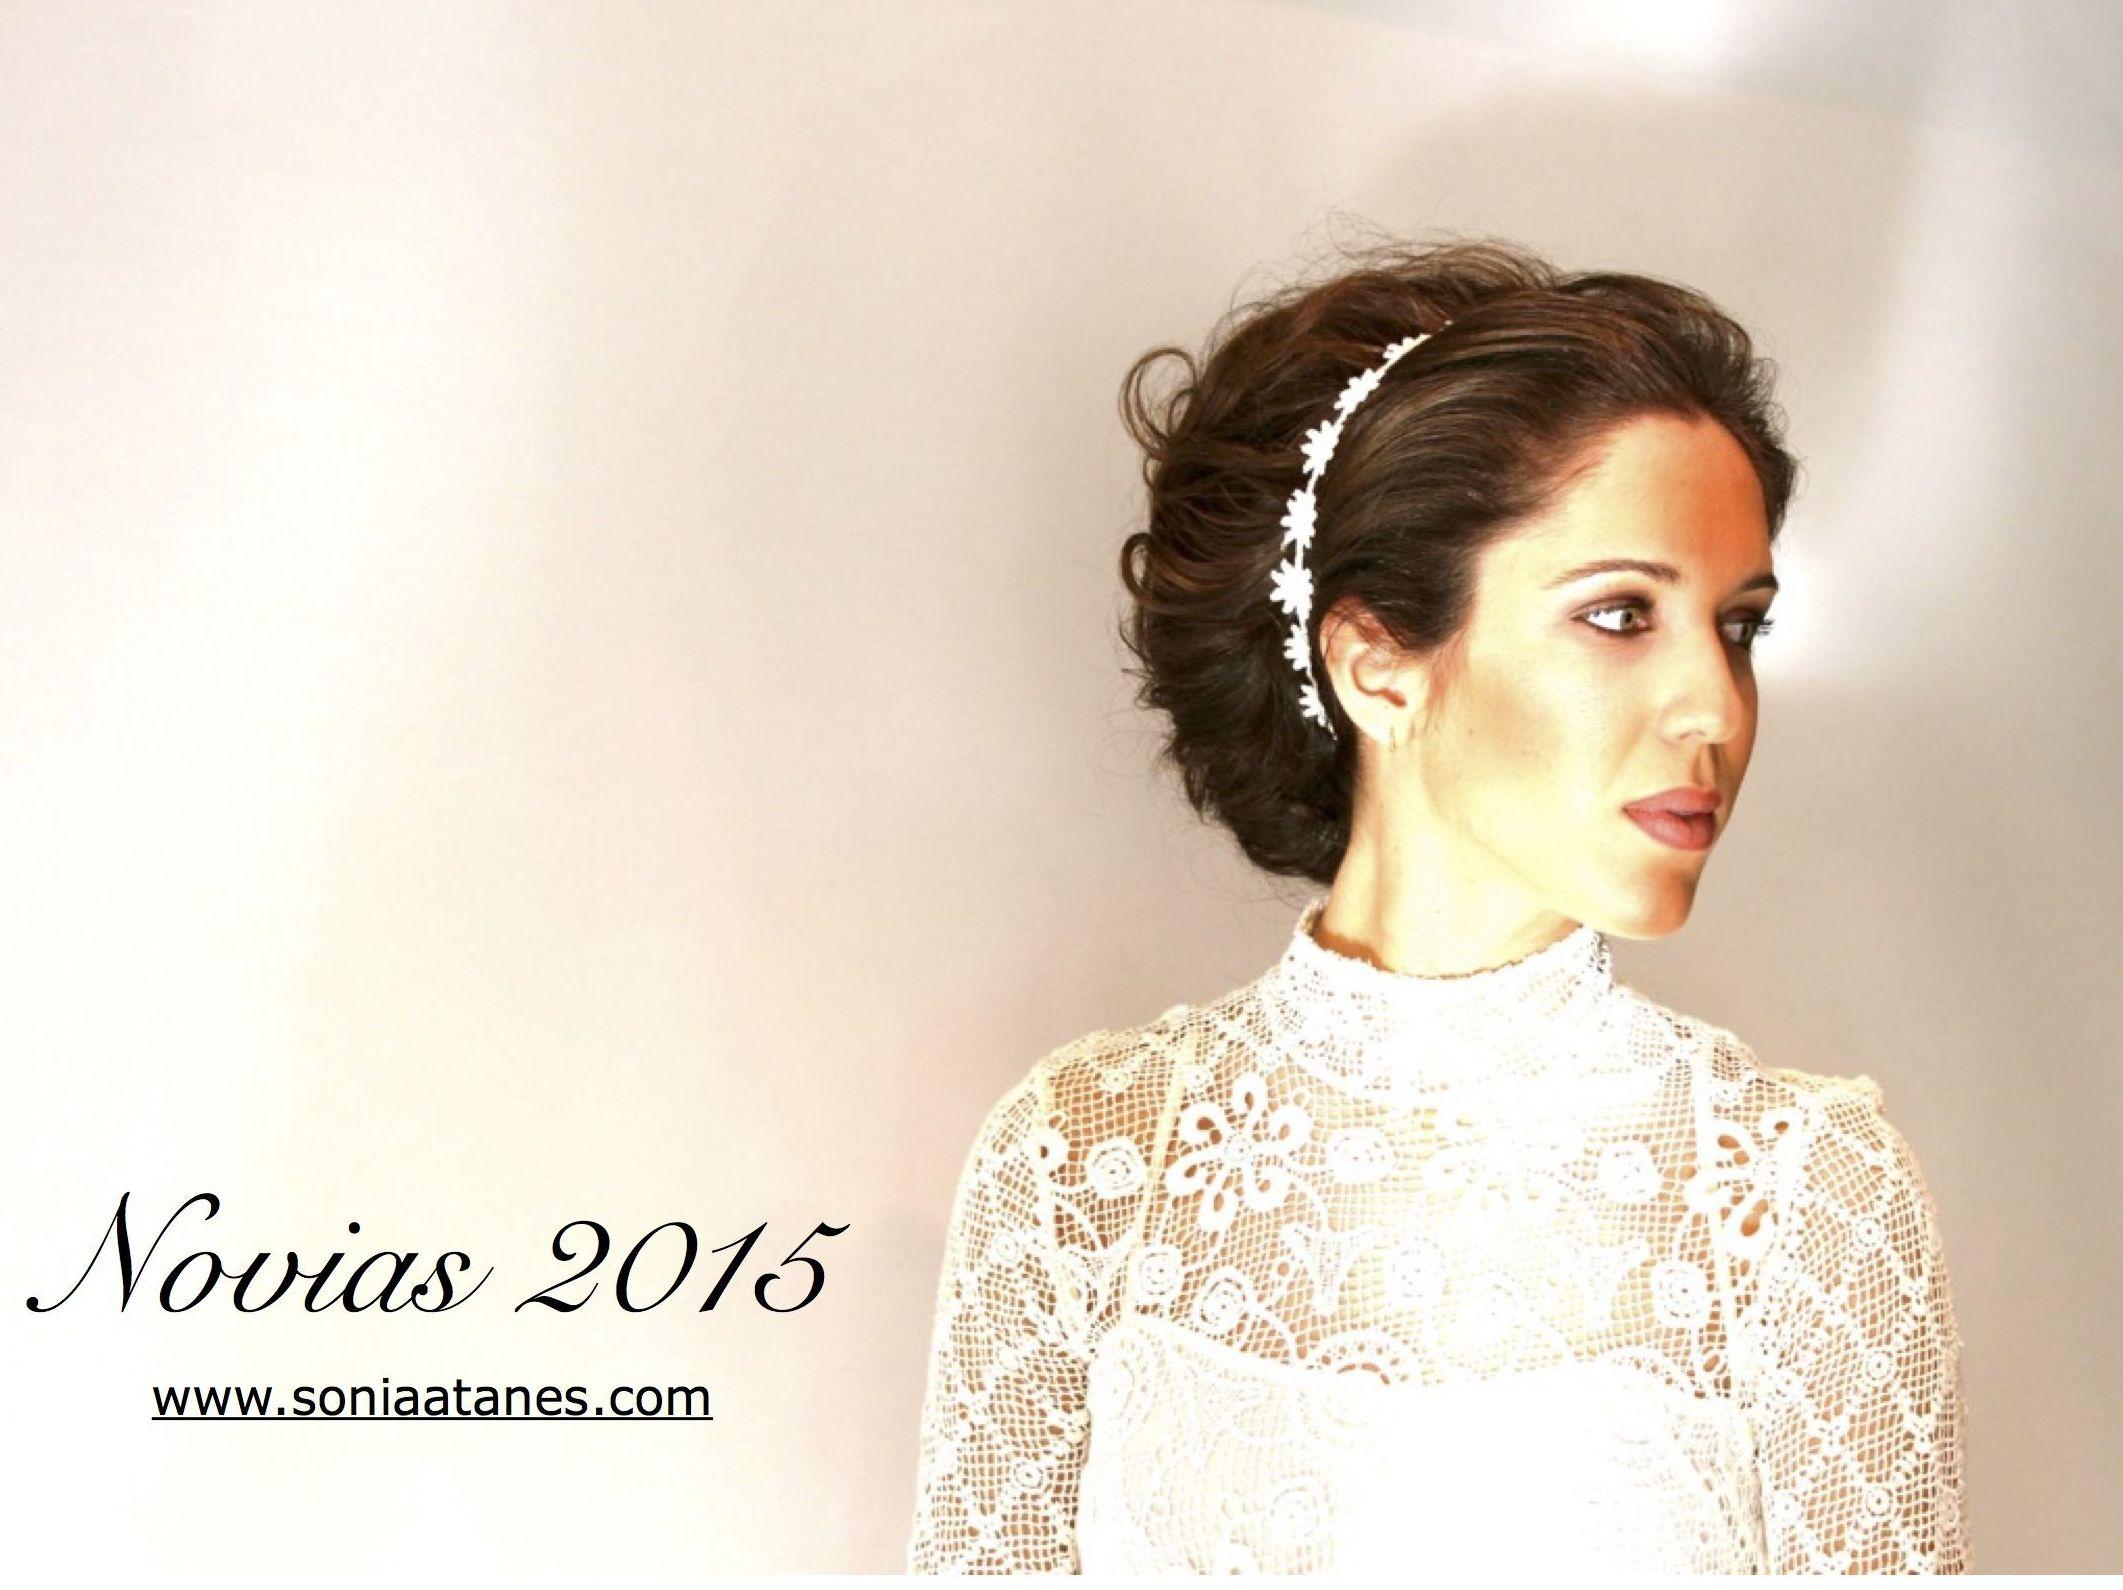 Peluqueria para novias Sonia atanes